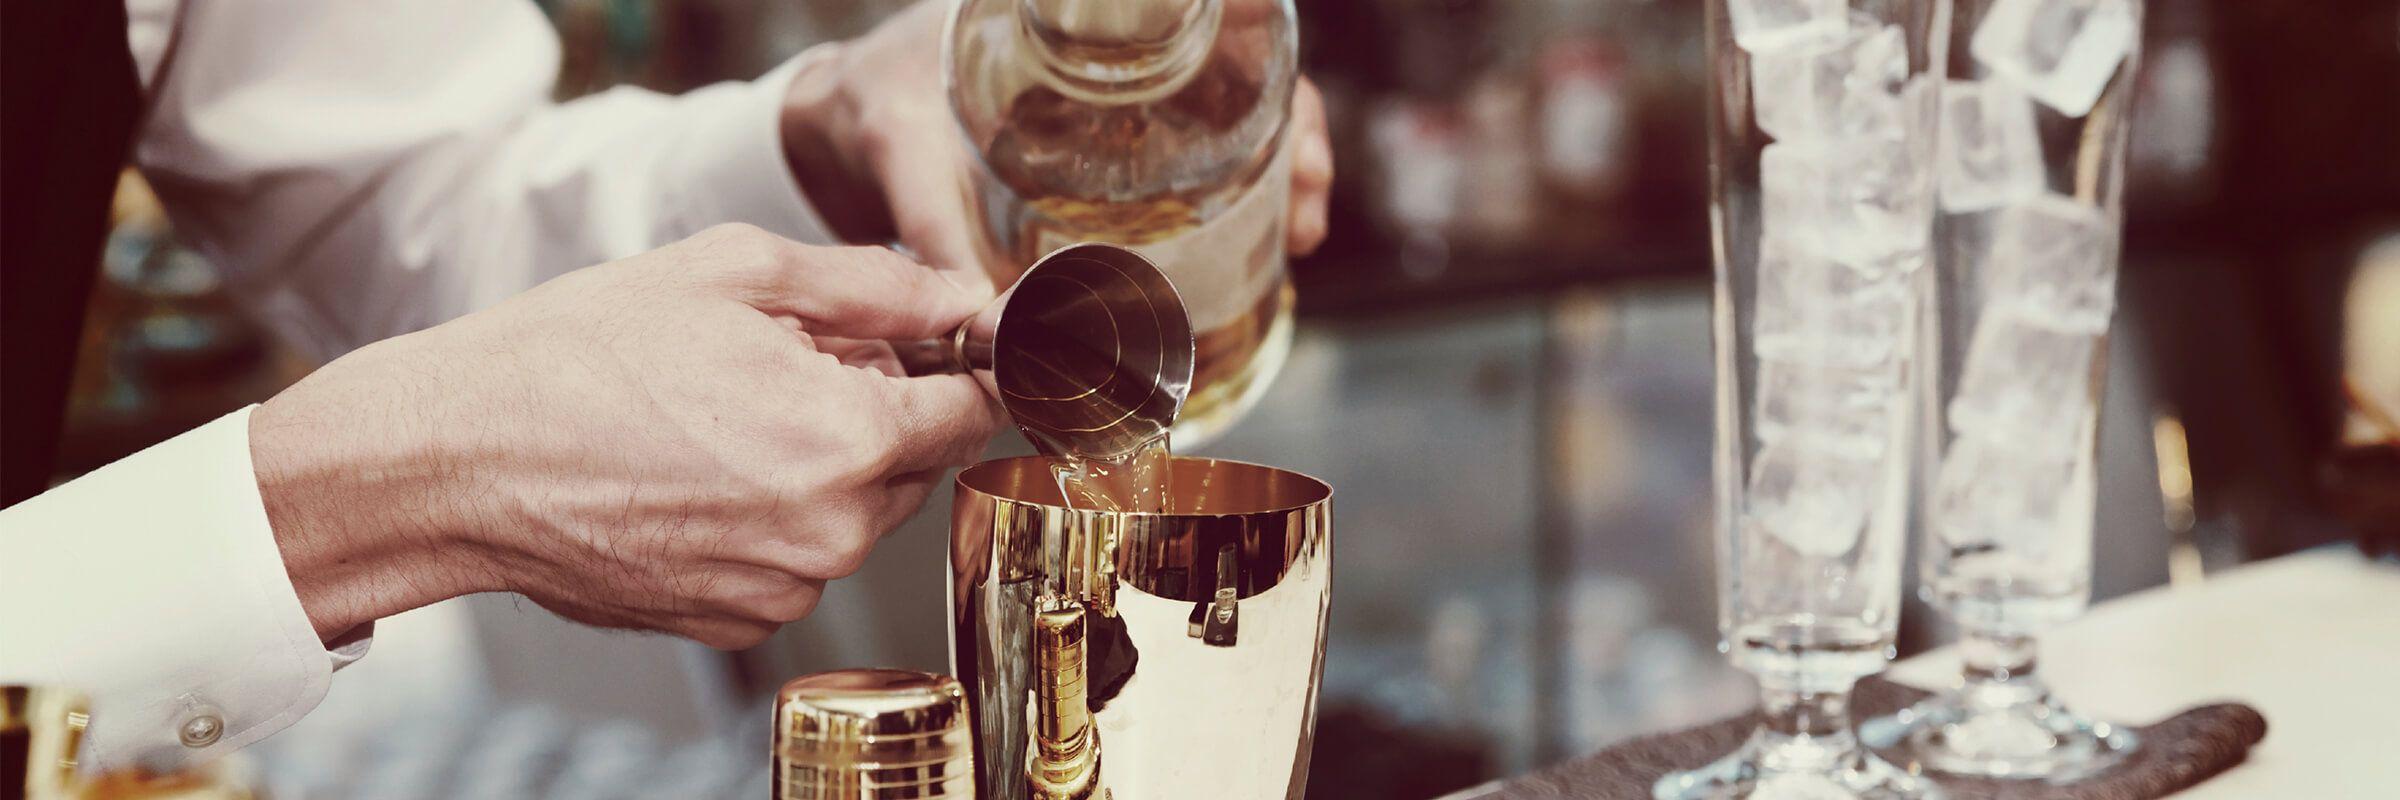 Mr. Boston Bartender's Guide